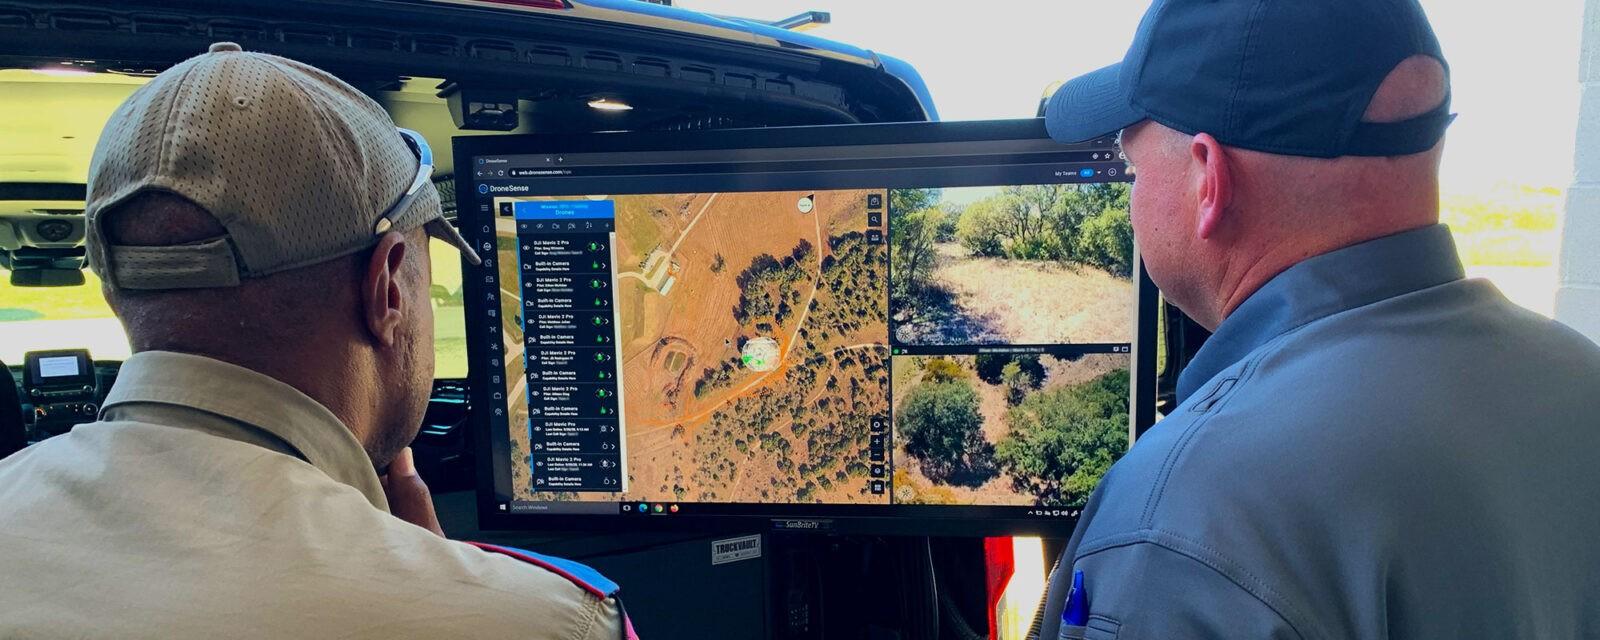 Компания DroneSense анонсировала новые возможности мобильного стриминга и отслеживания объектов